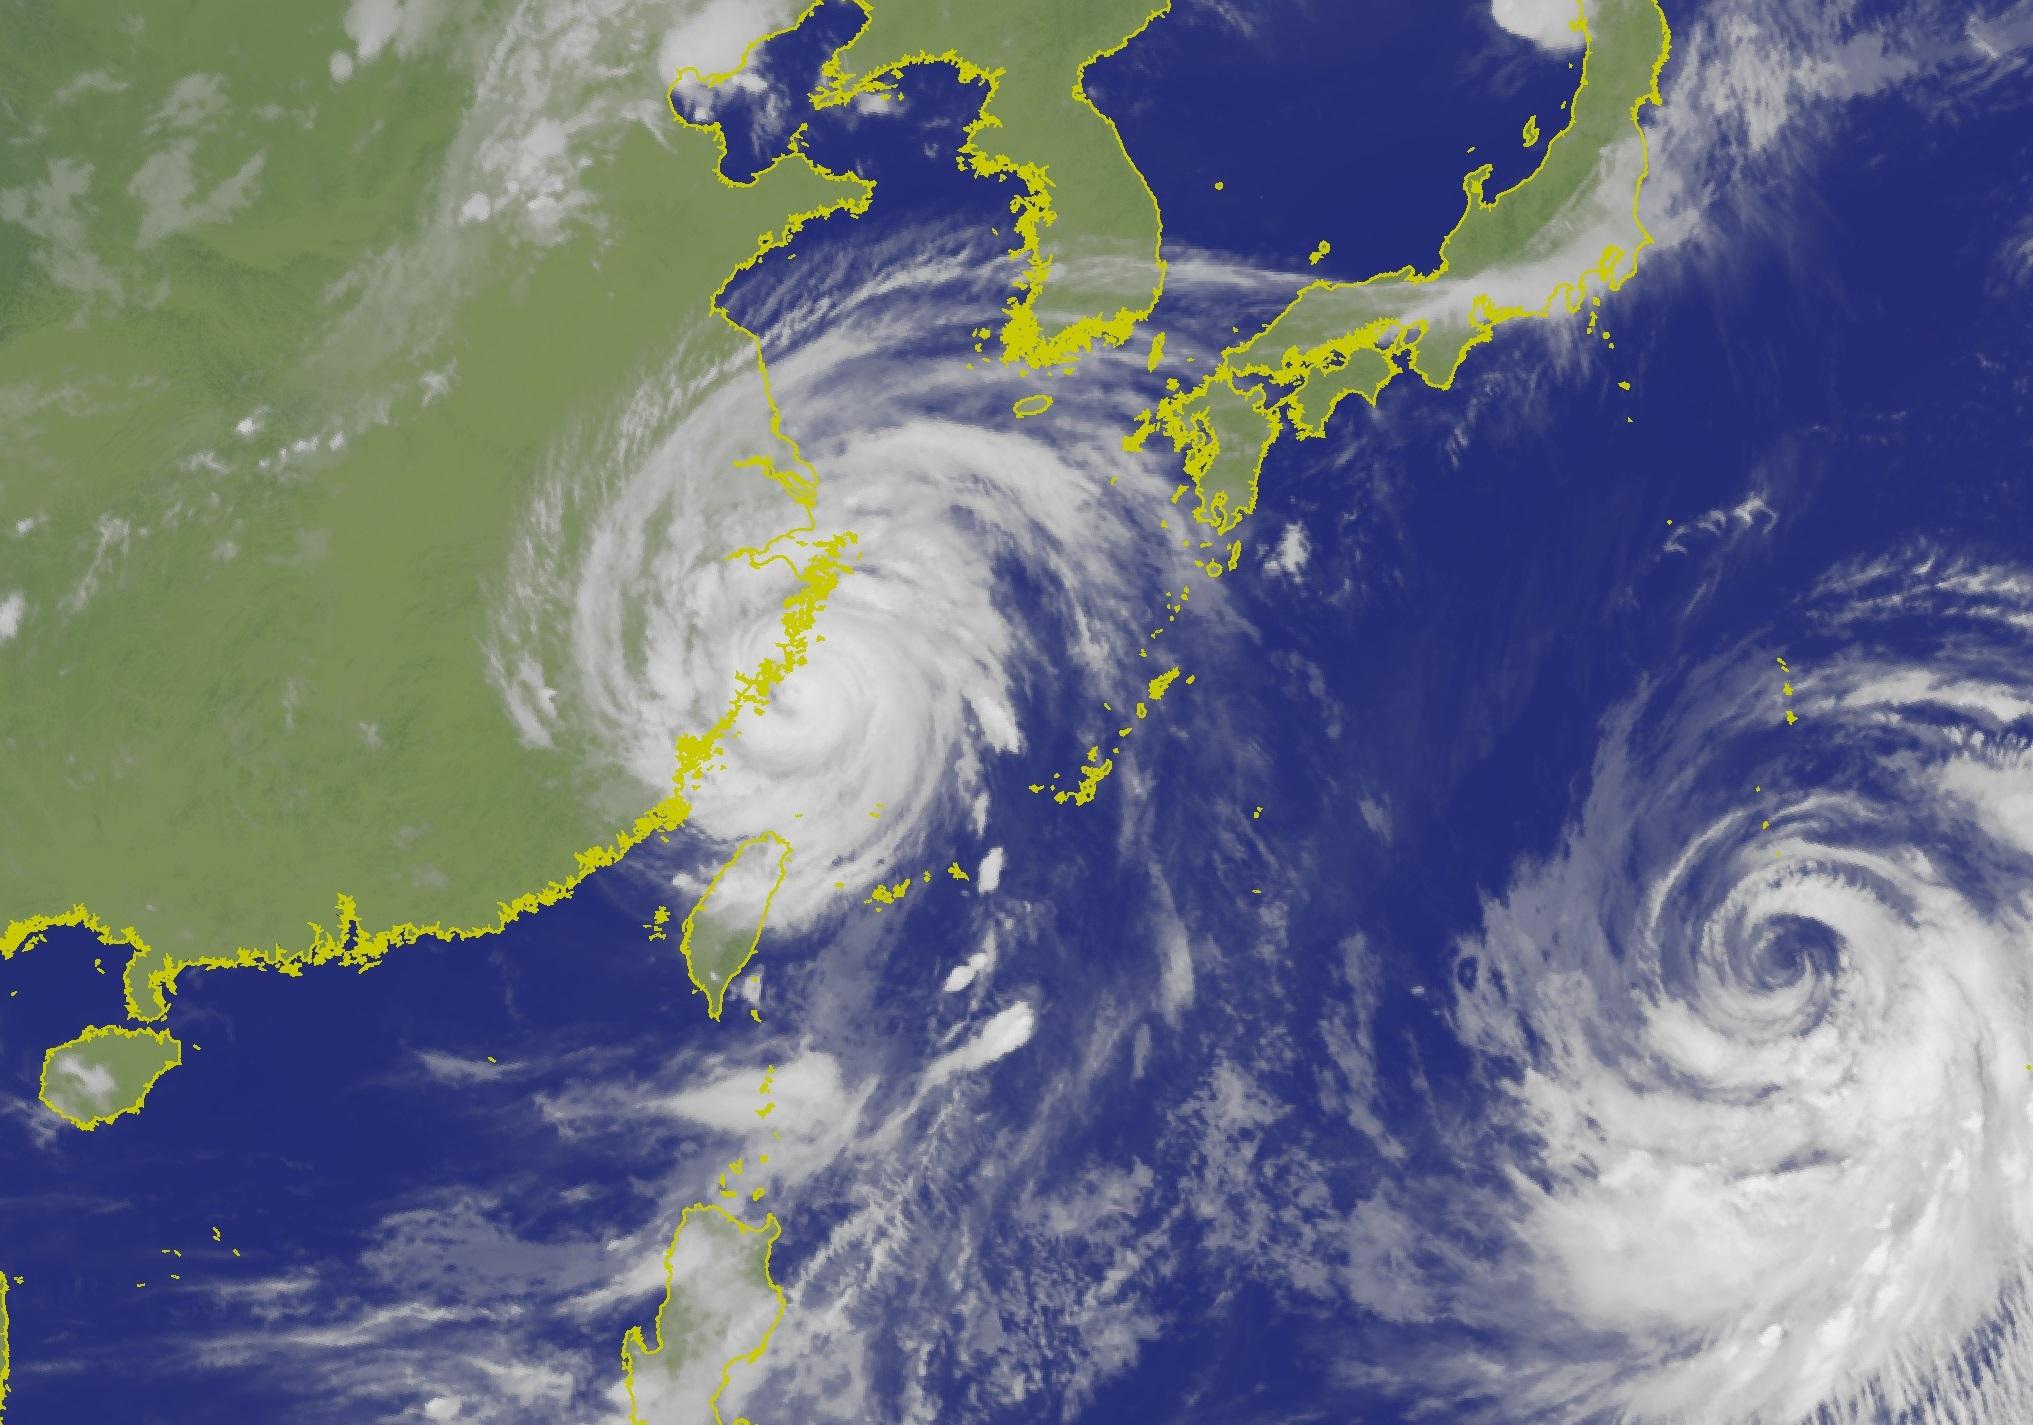 利奇馬逐漸遠離台灣。台灣中央氣象局